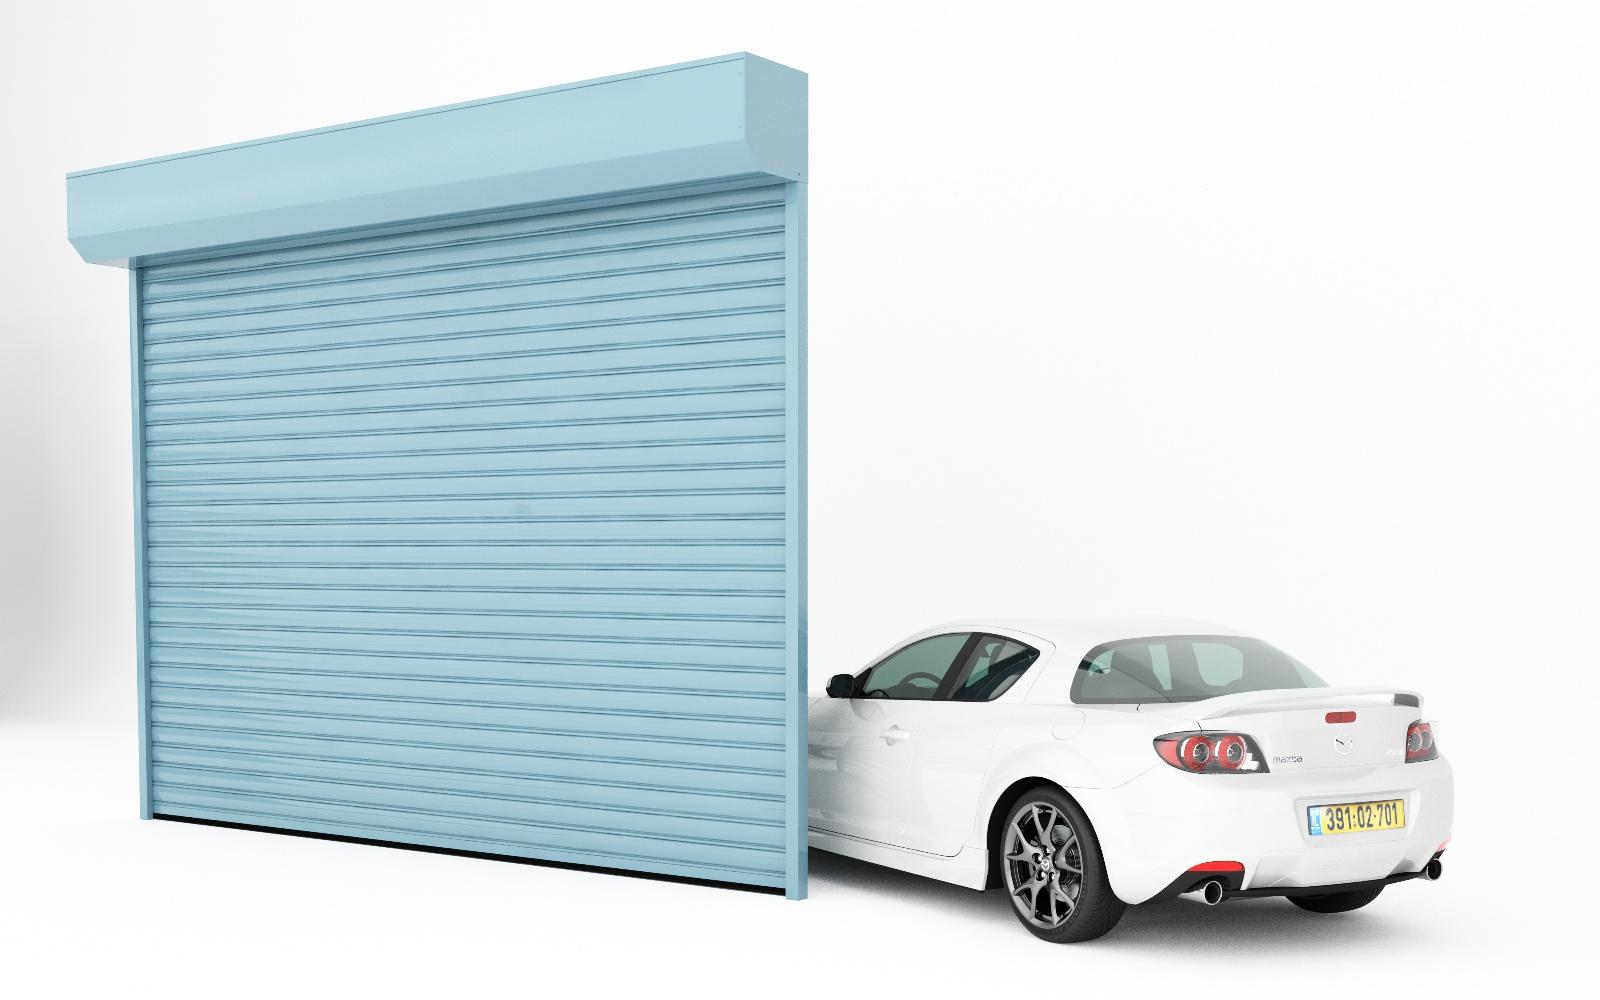 שערים מציעה דלתות מהירות סורגי גלילה אלומיניום בחירת צבעים